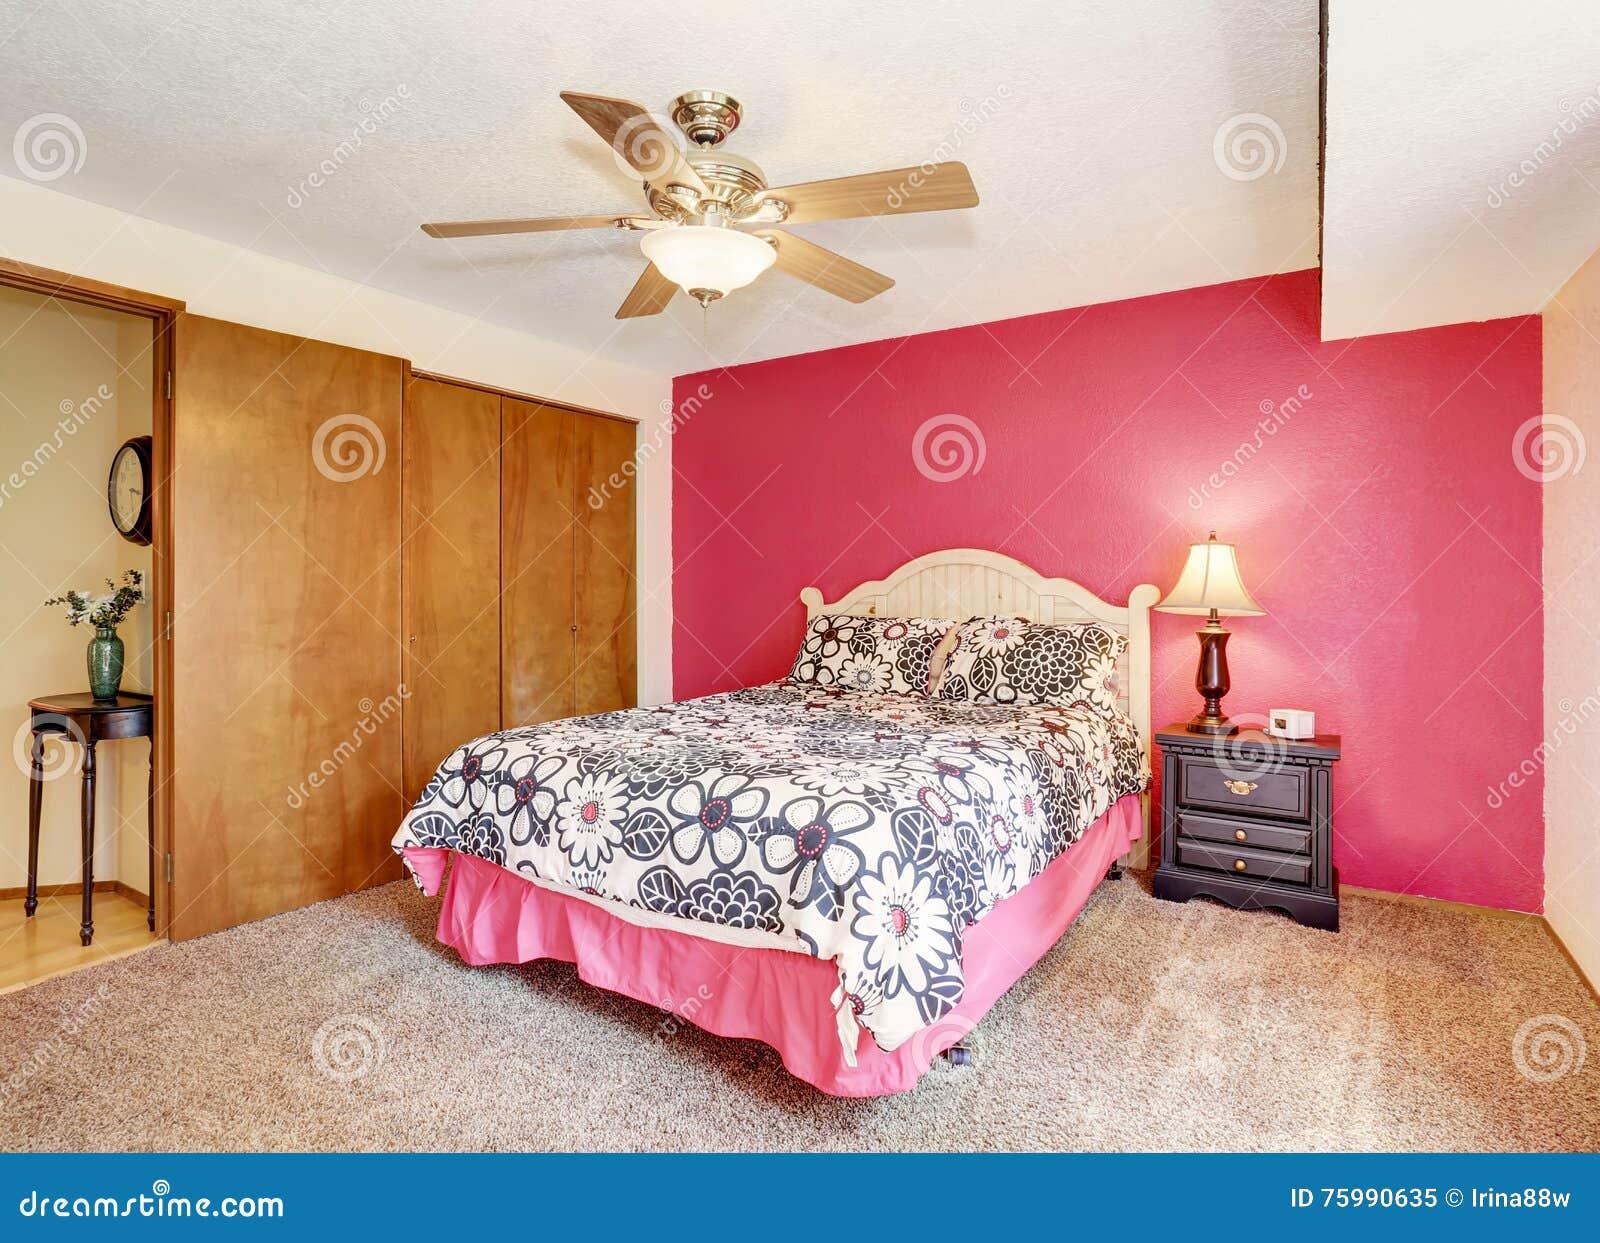 Tappeto Da Salotto Rosa : Camera da letto rosa moderna con il pavimento di tappeto e del